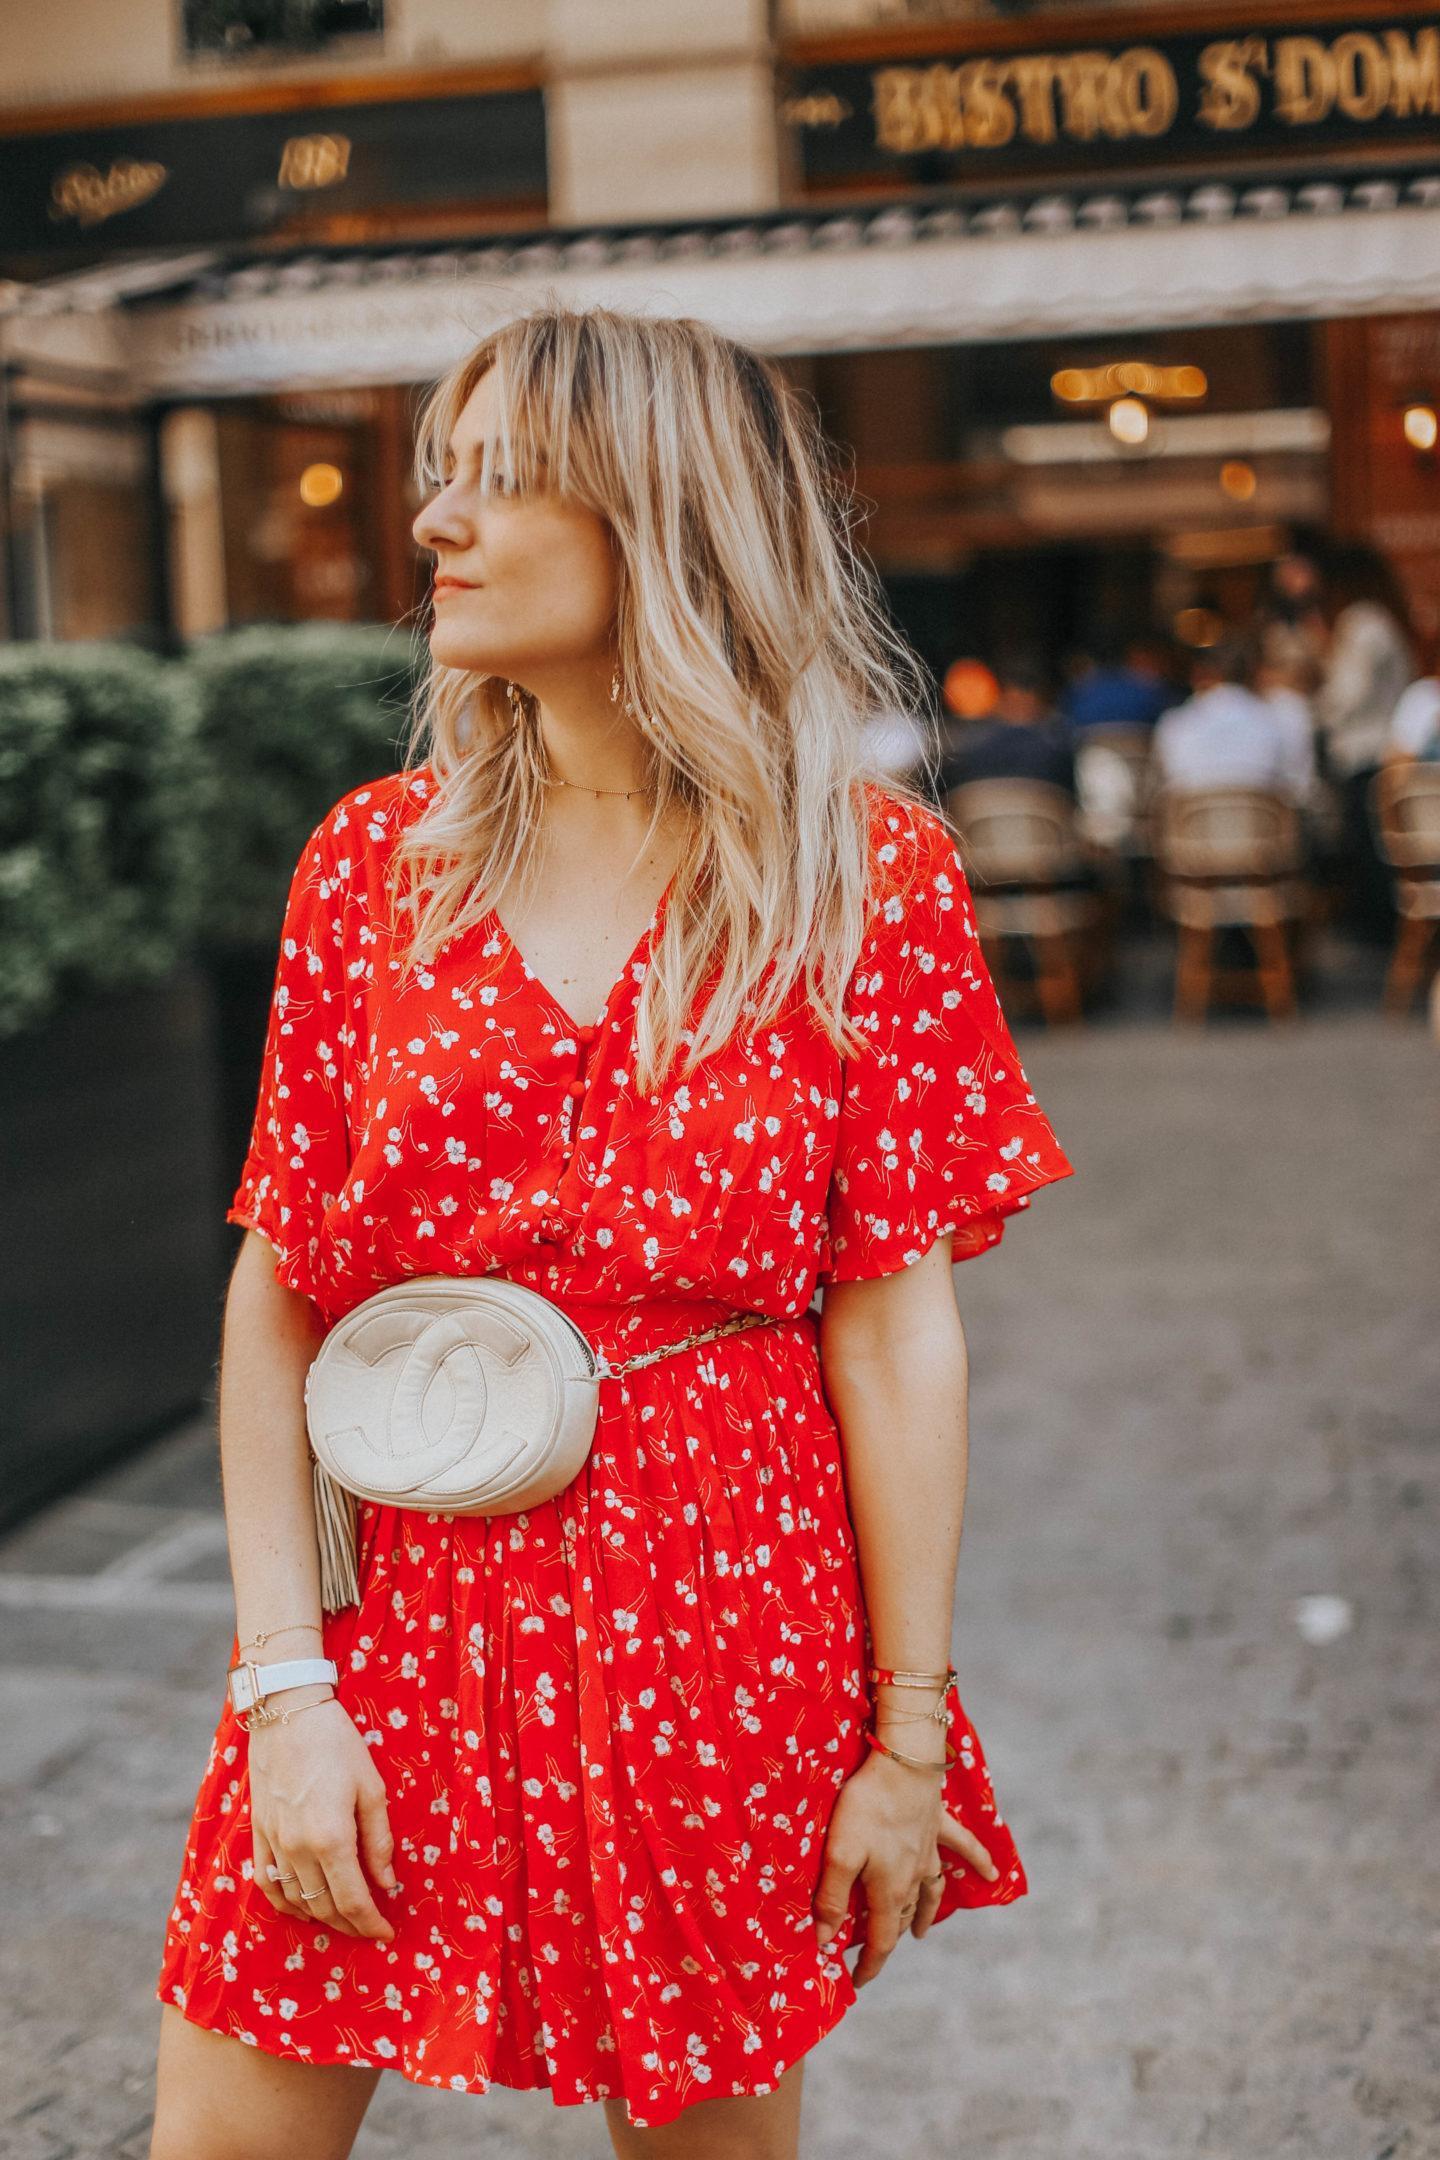 Cheveux blonds - Blondie Baby blog mode Paris et voyages